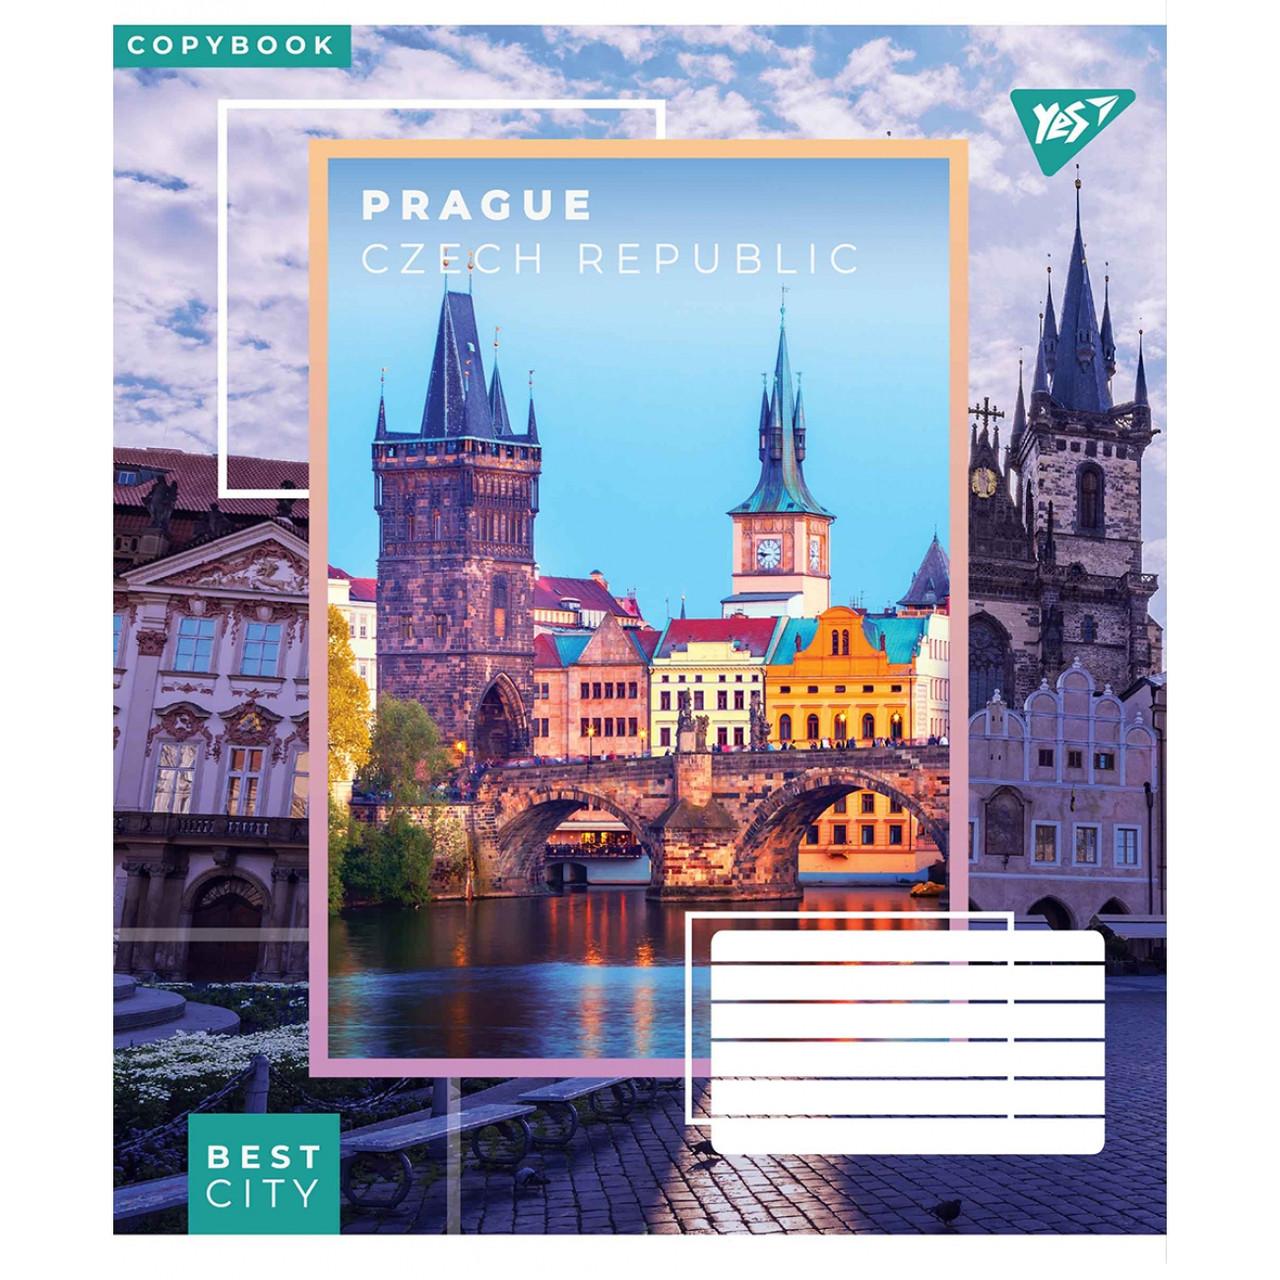 Набір зошитів 5 штук YES Best city,60 аркушів в клітинку 765554